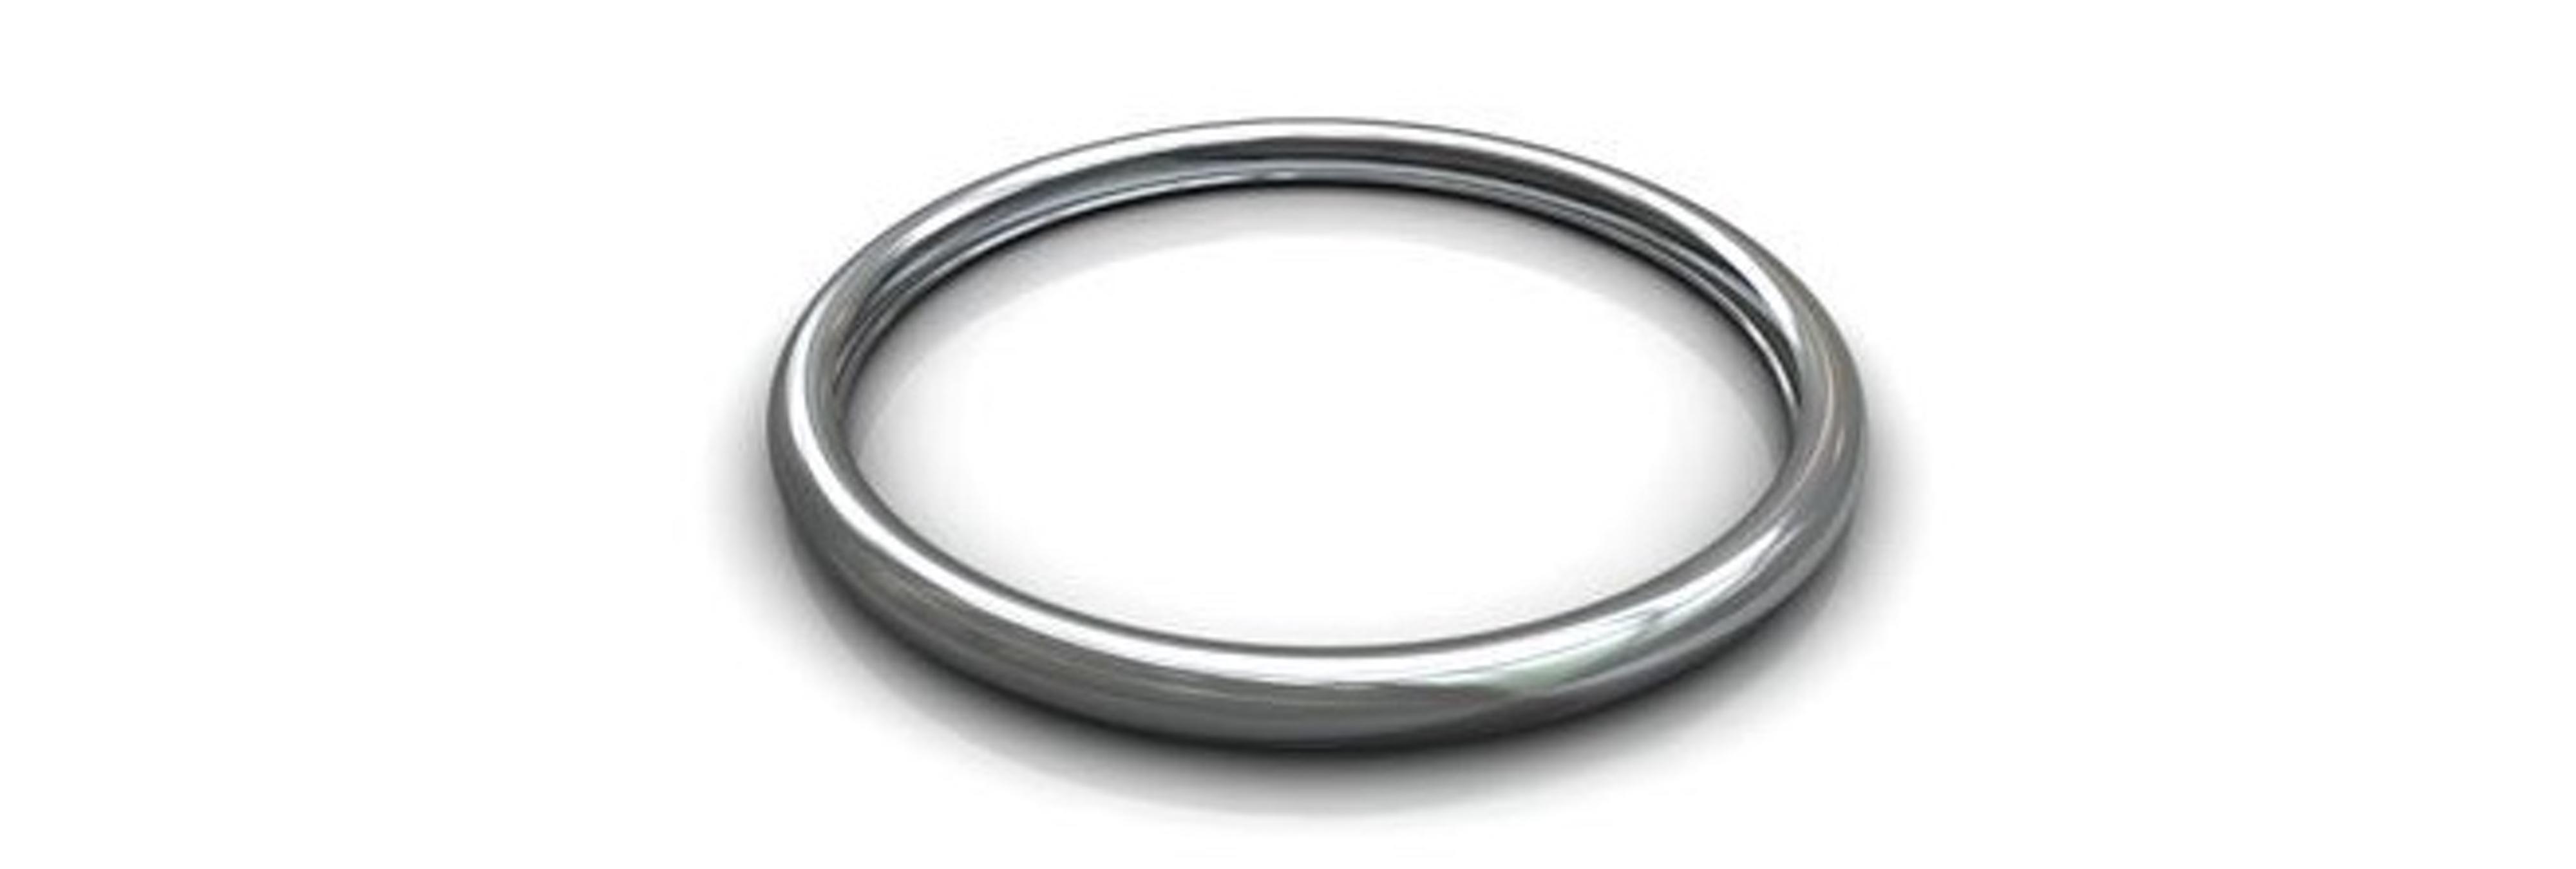 Se le queda atascado un anillo para el pene y el proceso de quitárselo es aterrador